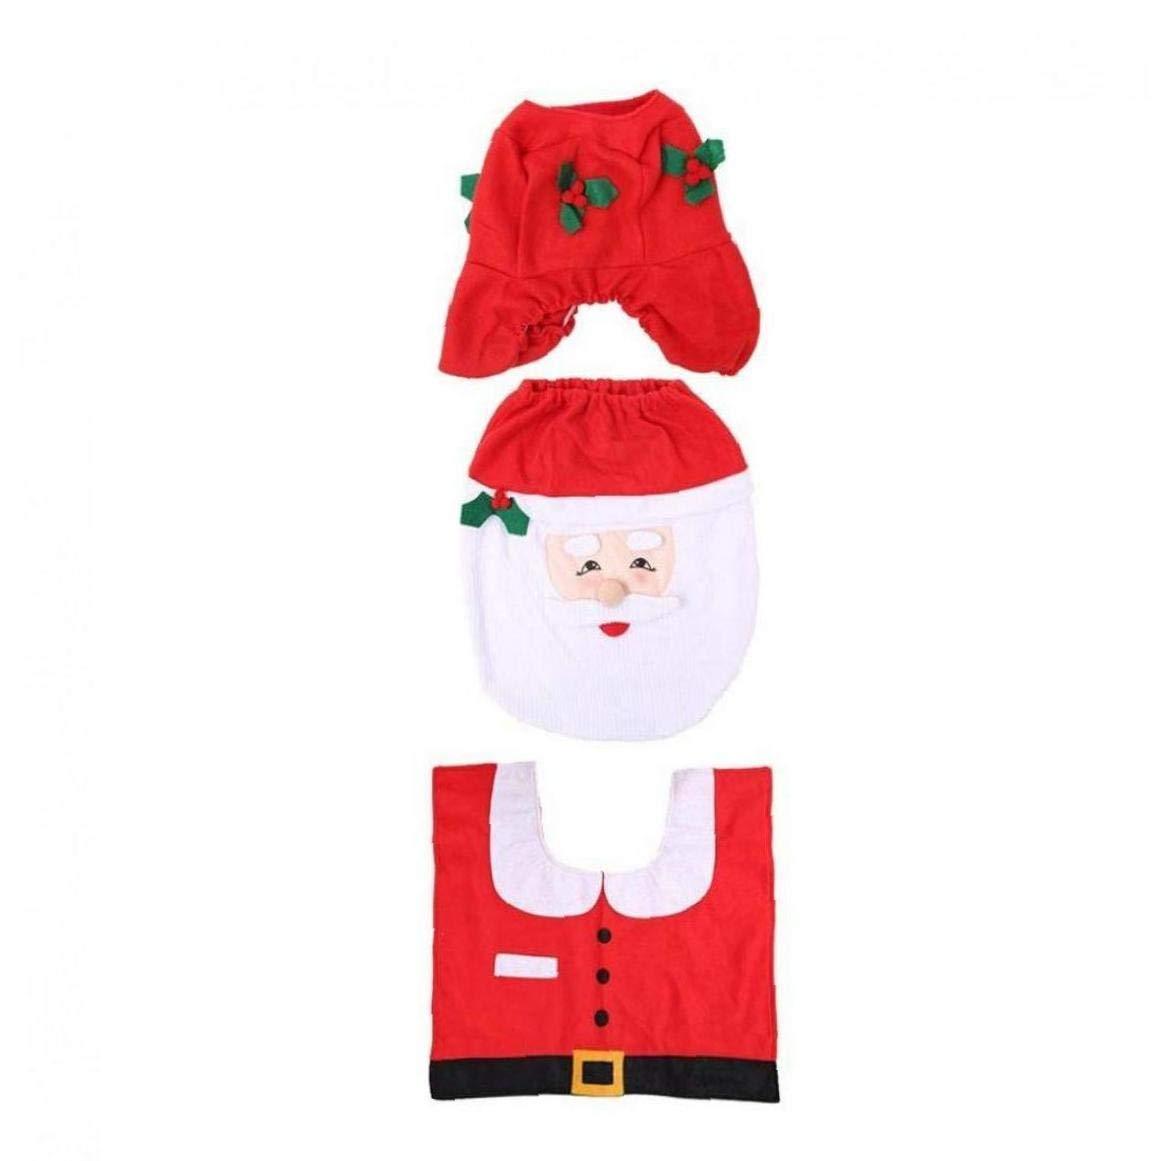 Navidad De Asiento De Inodoro Cubierta Decoraci/ón Aseo Caso Elk Mu/ñeco De Nieve De Santa Claus Con La Estera Del Piso De Tres Piezas Conjunto De Asiento De Inodoro Cubiertas Decoraci/ón Rojo